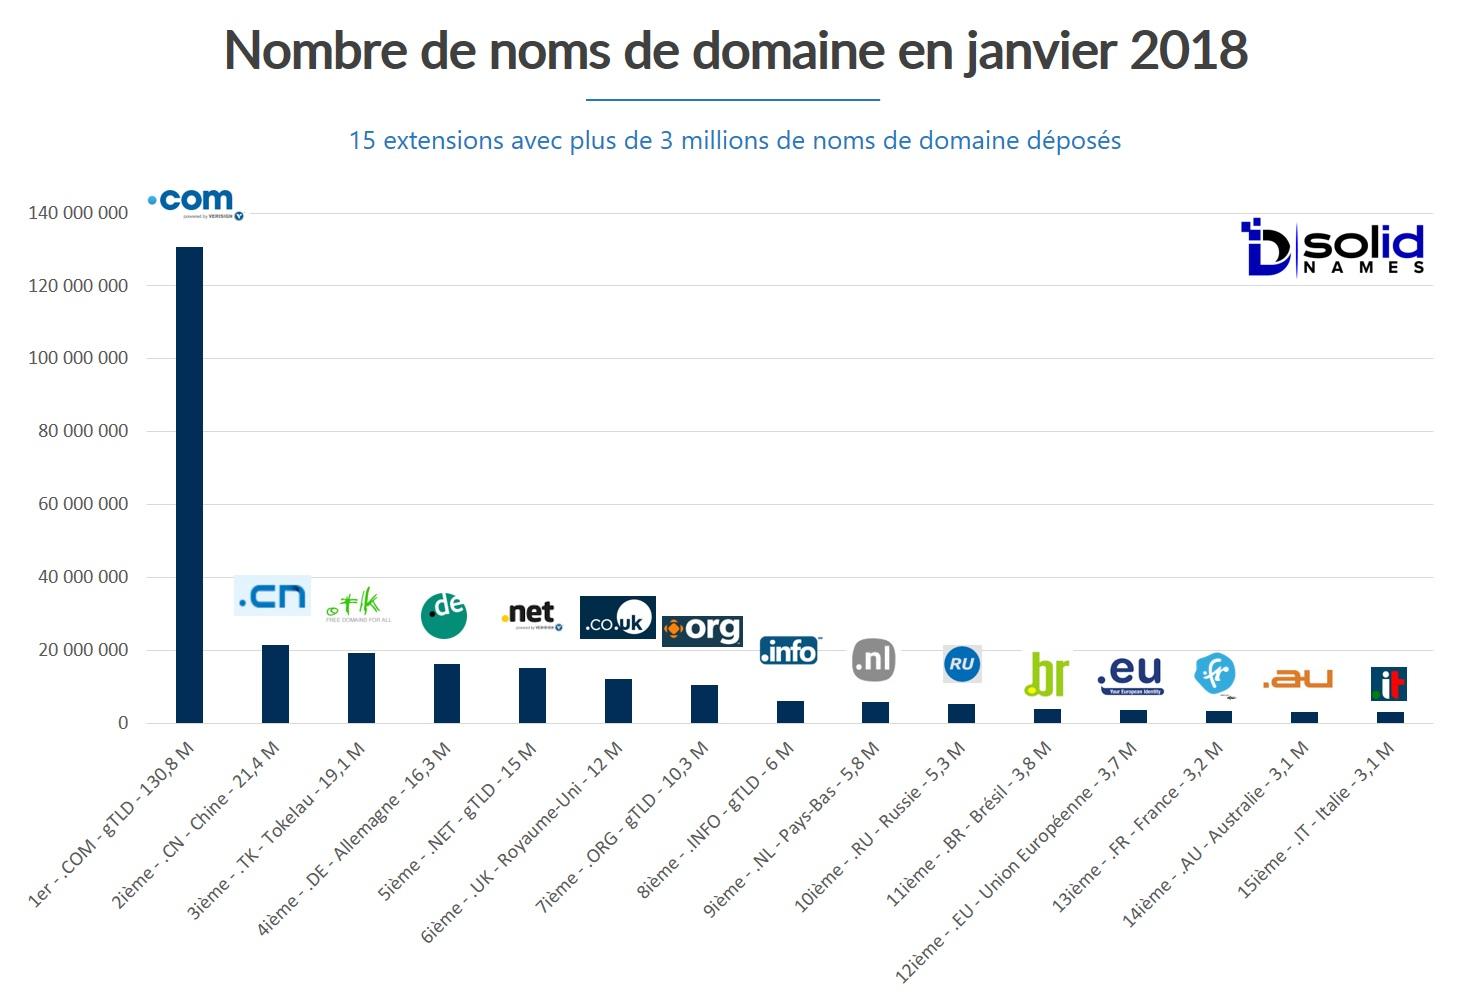 Nombre Noms Domaine Janvier 2018